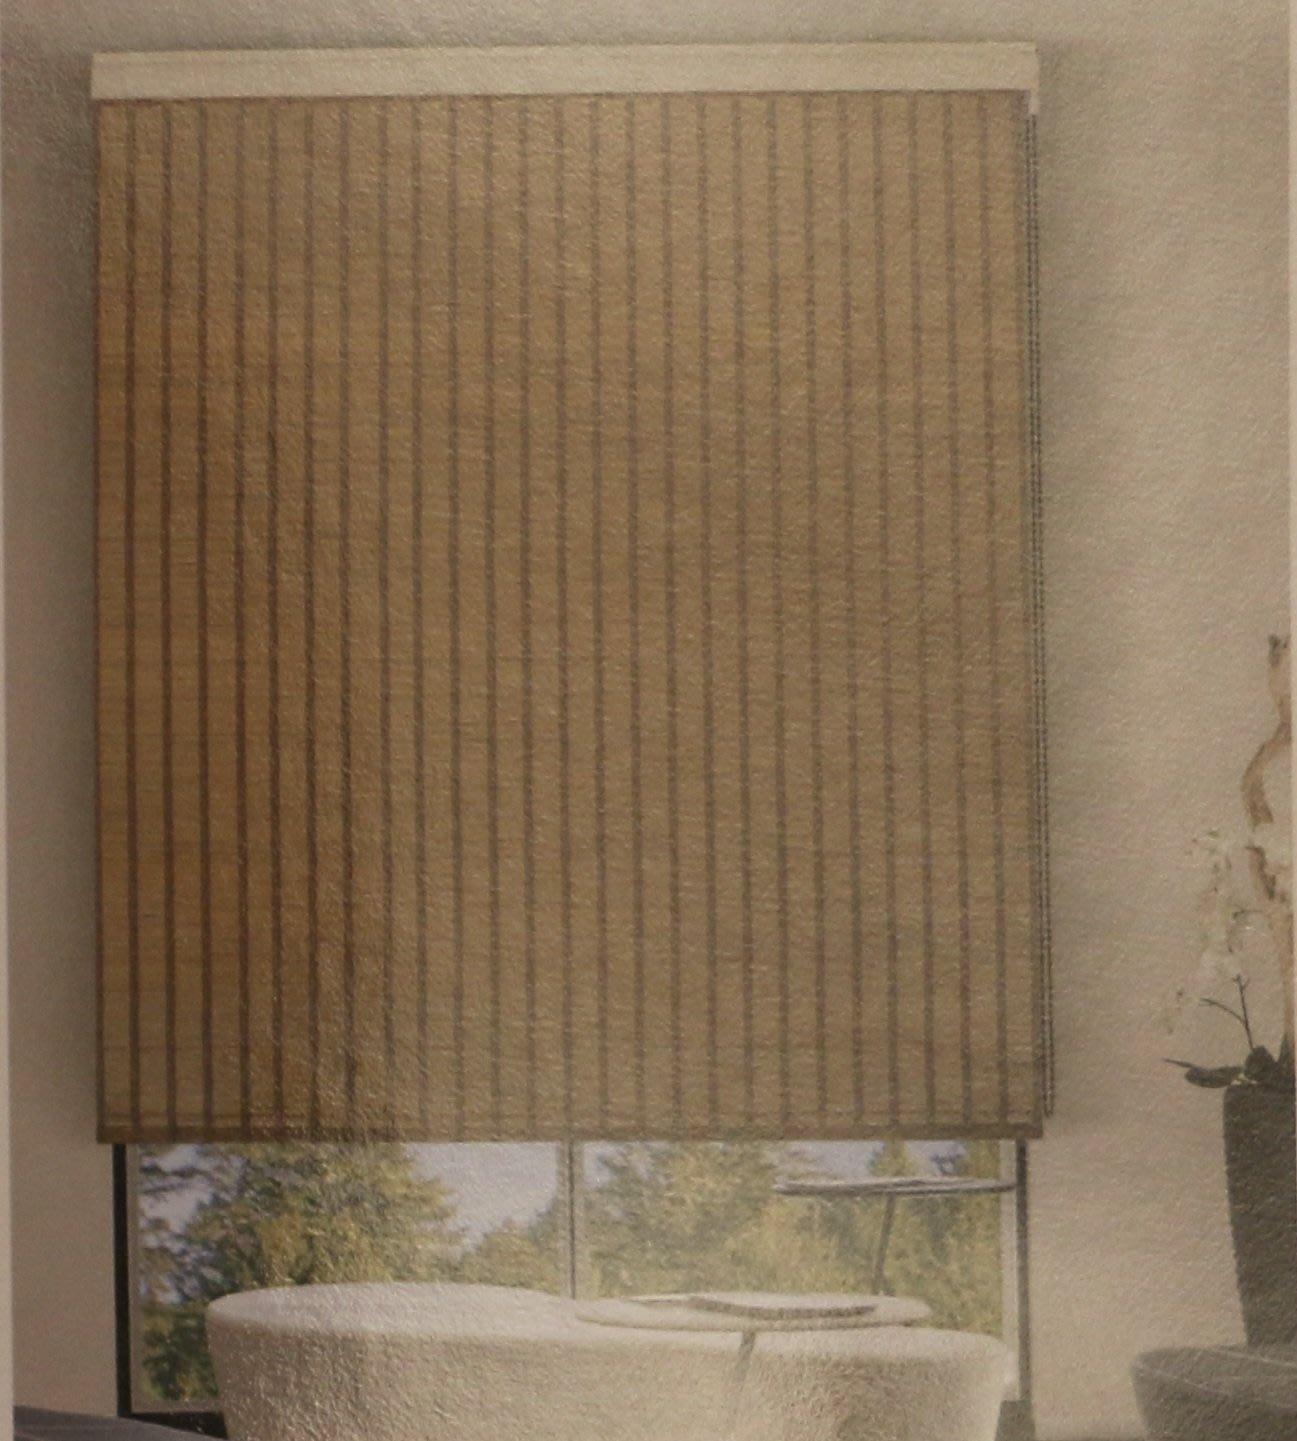 【巧巧窗簾】精品訂製木織簾、百葉窗、羅馬簾、防火捲簾、窗簾布、活動拉門、各式歐式造型、門簾、桌巾、傢飾布料、壁紙